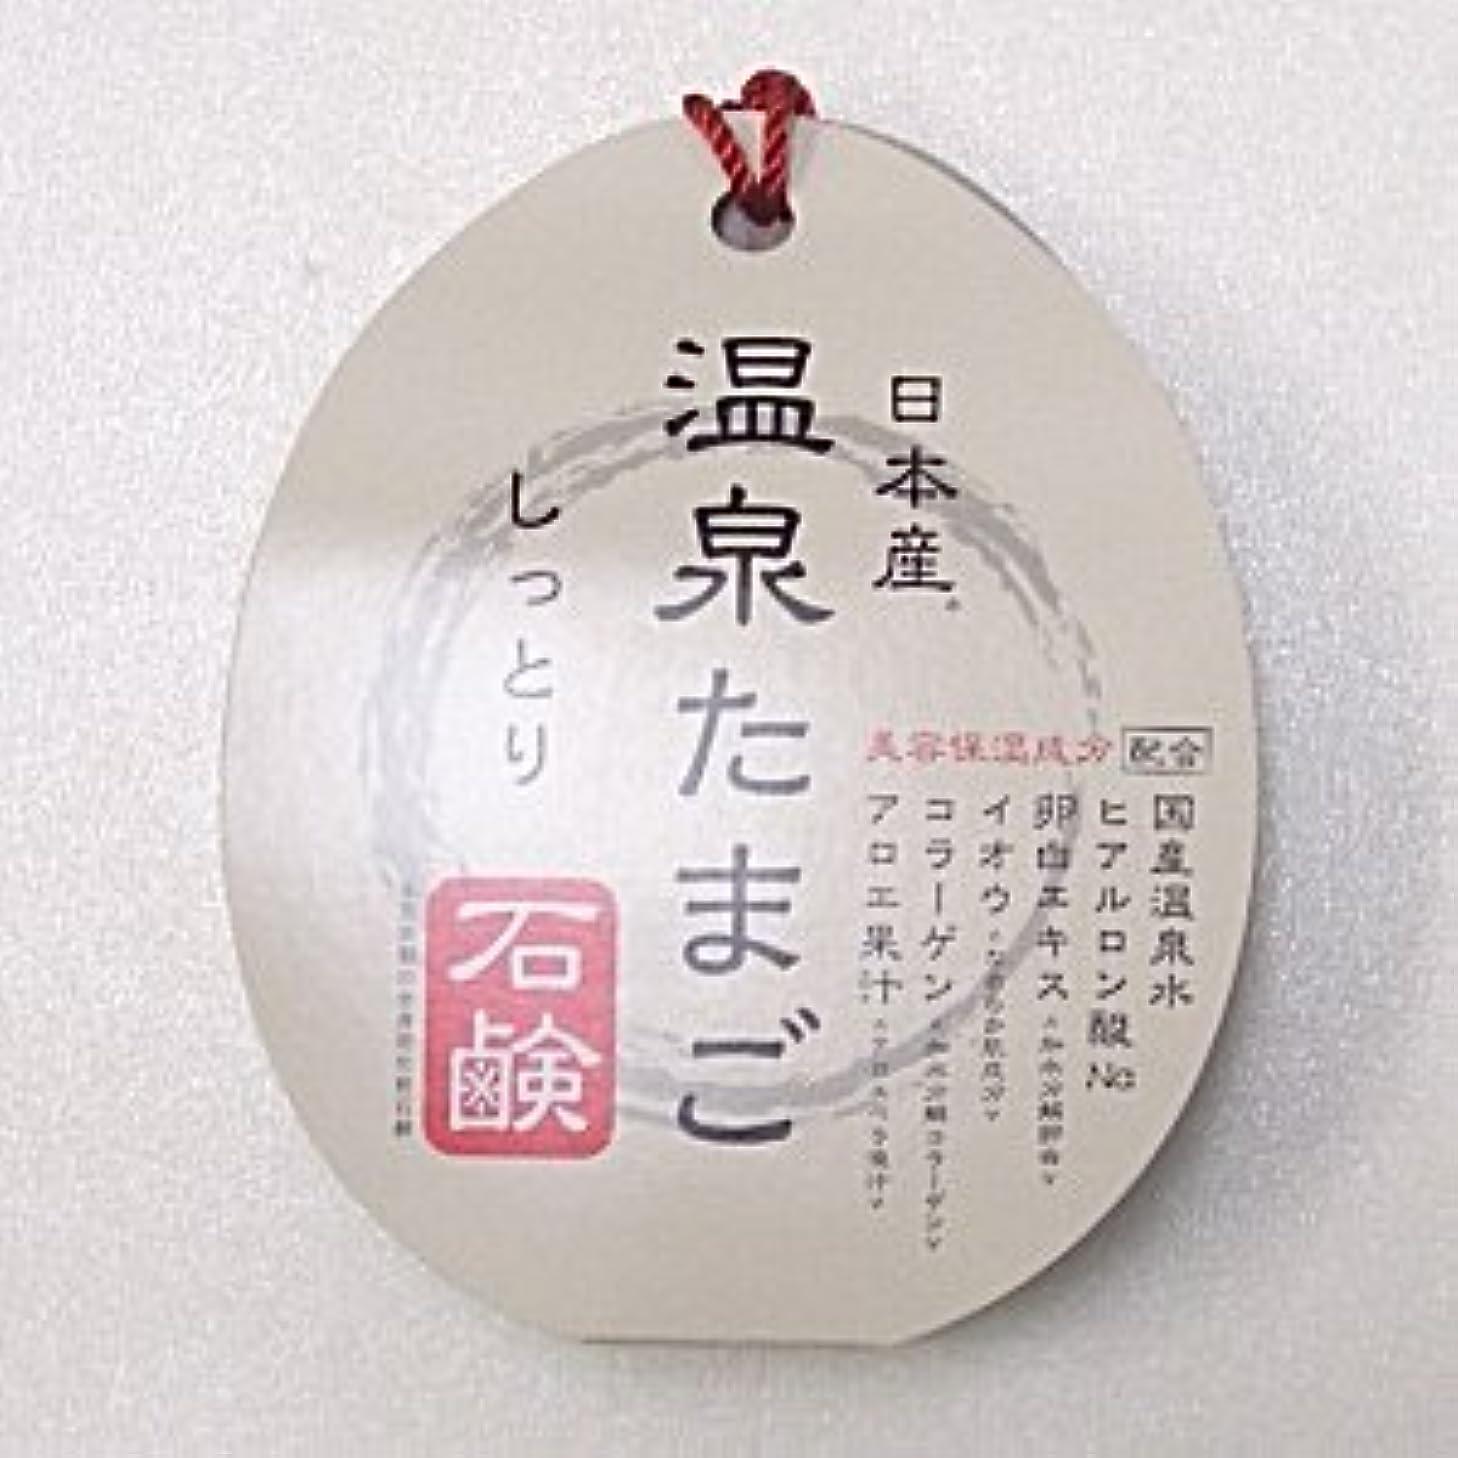 普通の束ねる支給日本産 温泉たまご石鹸 しっとりタイプ 75g